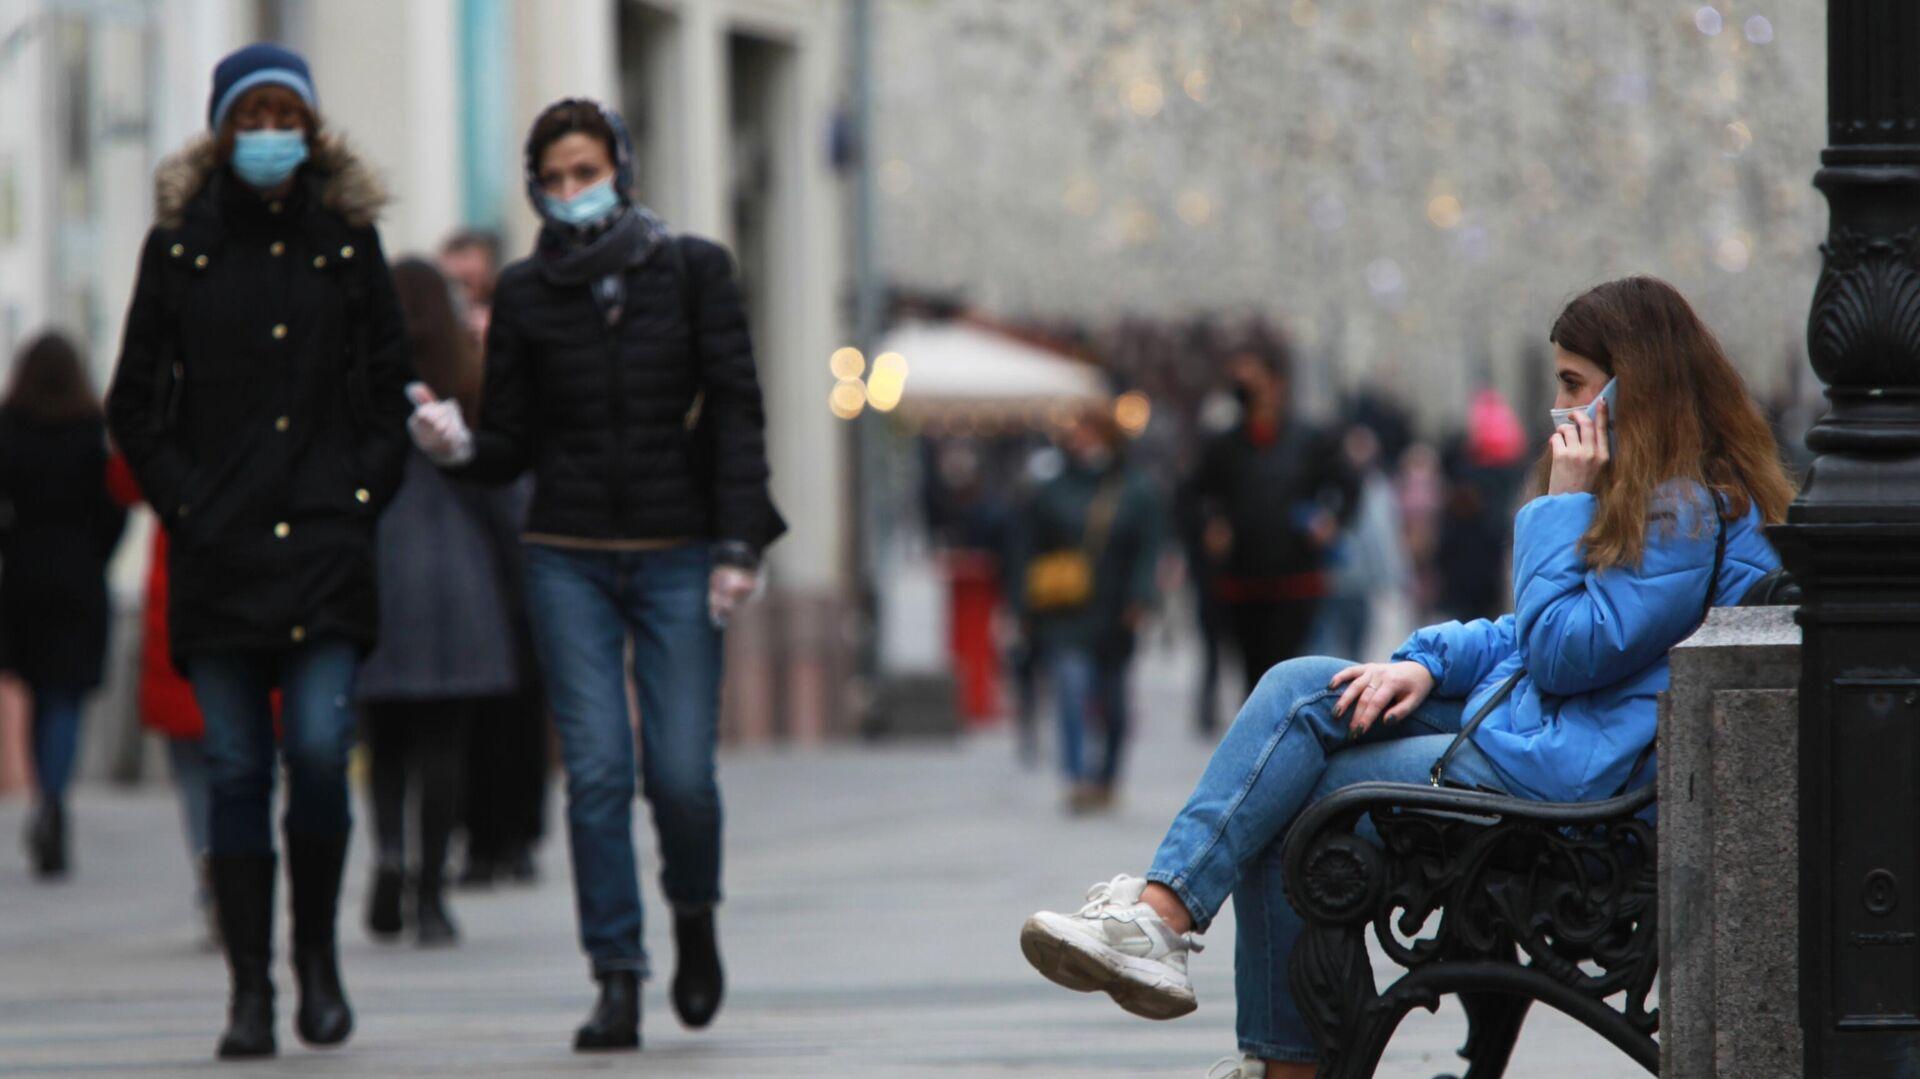 Прохожие в защитных масках на Никольской улице в Москве - РИА Новости, 1920, 21.11.2020